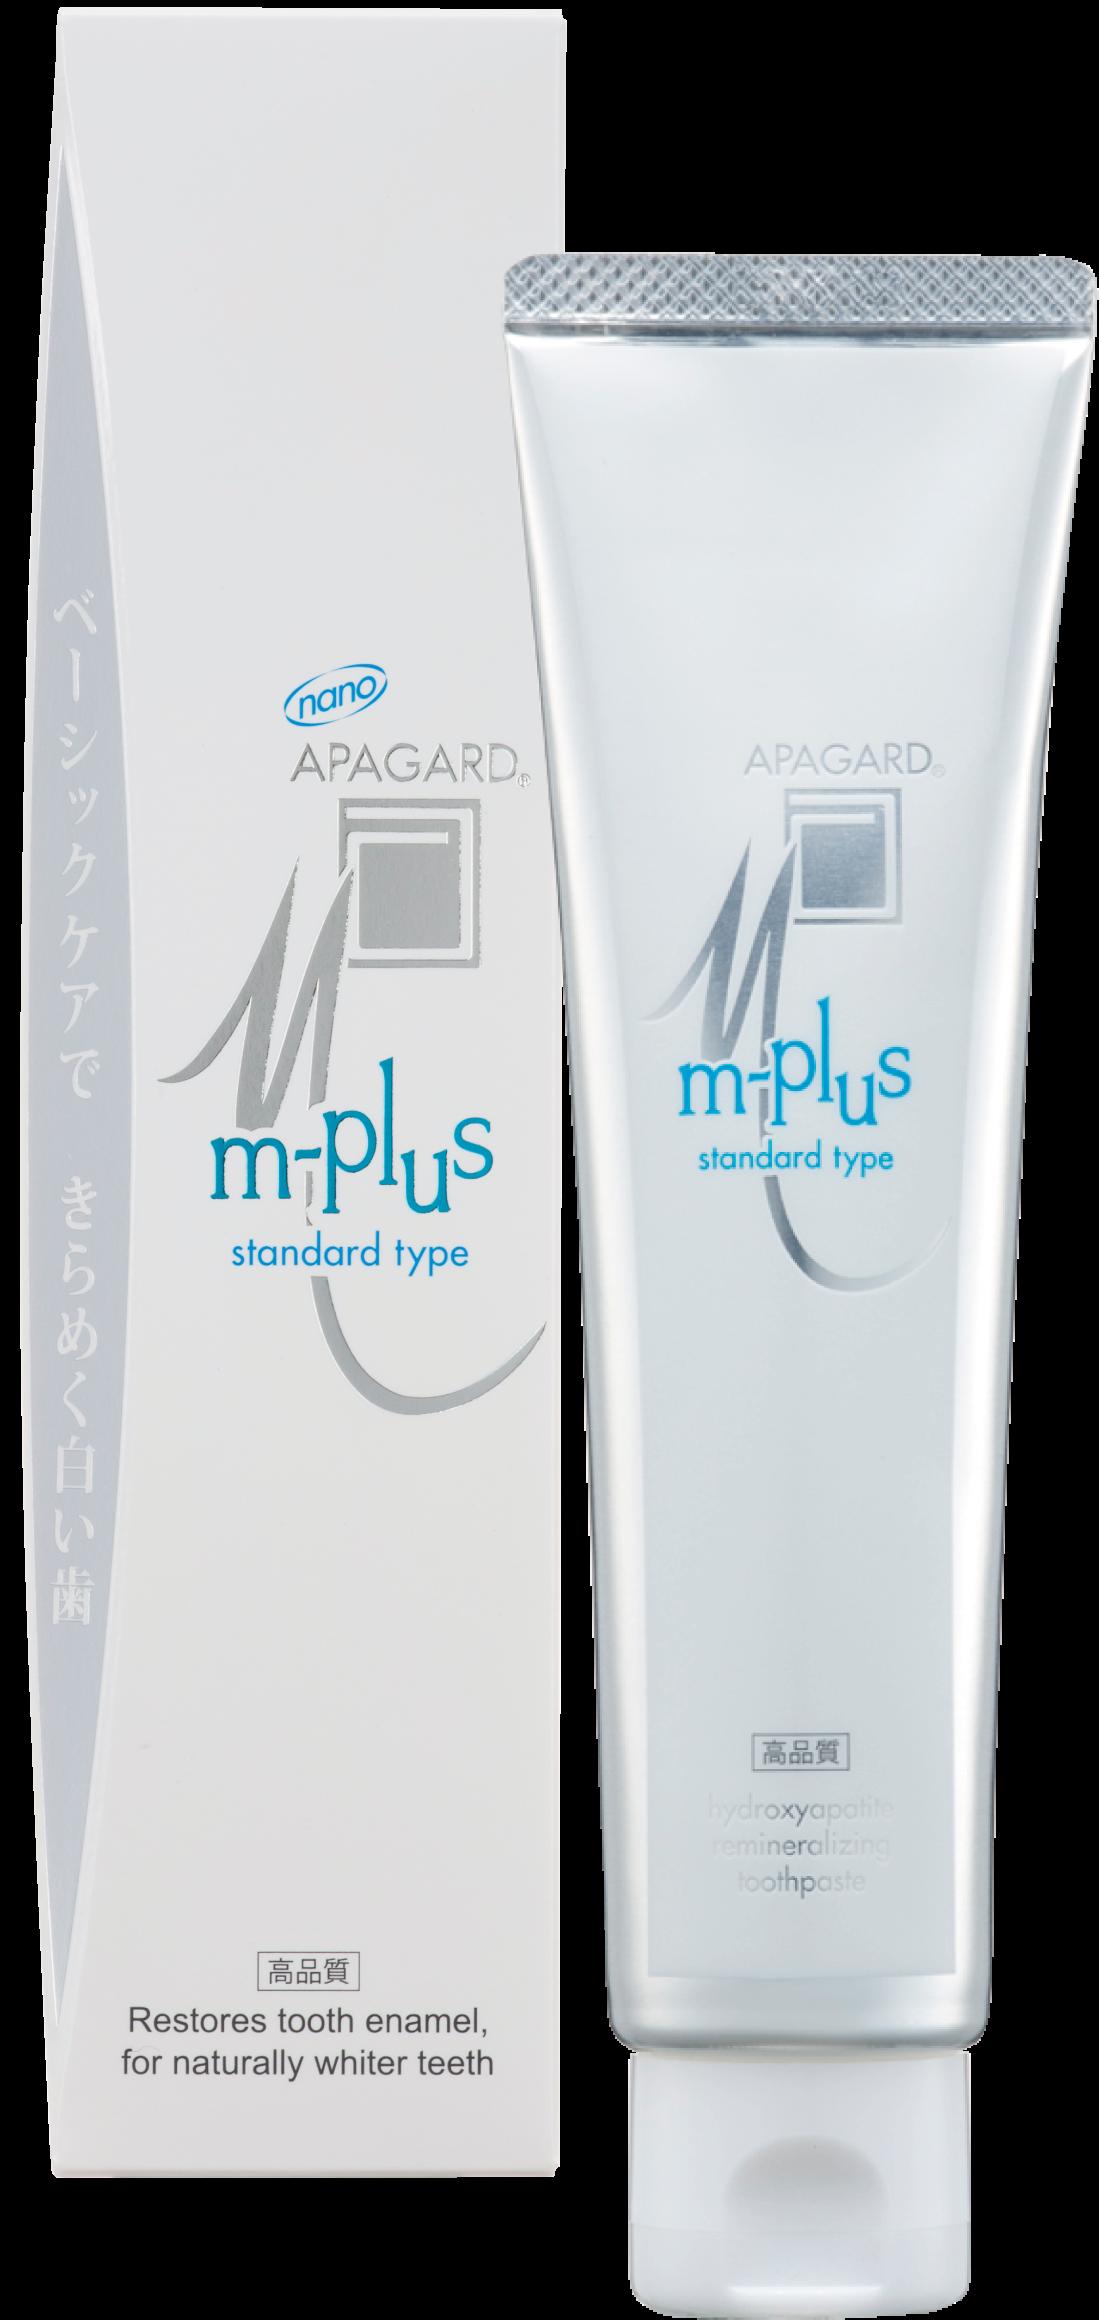 APAGARD® M-plus